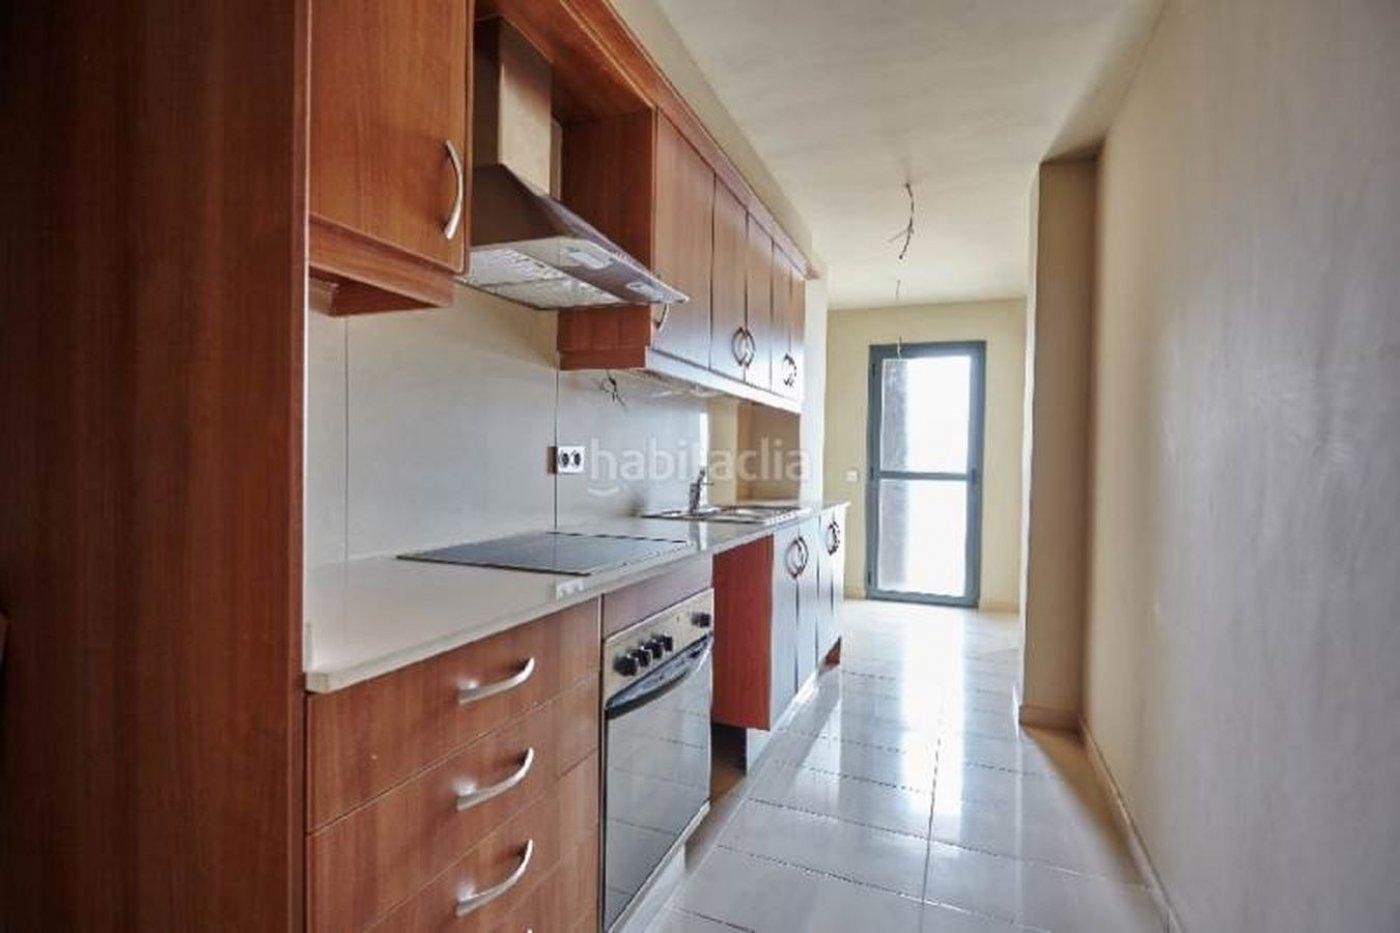 Flat for sale in San Carlos de la Rápita, Sant Carles de la Rapita